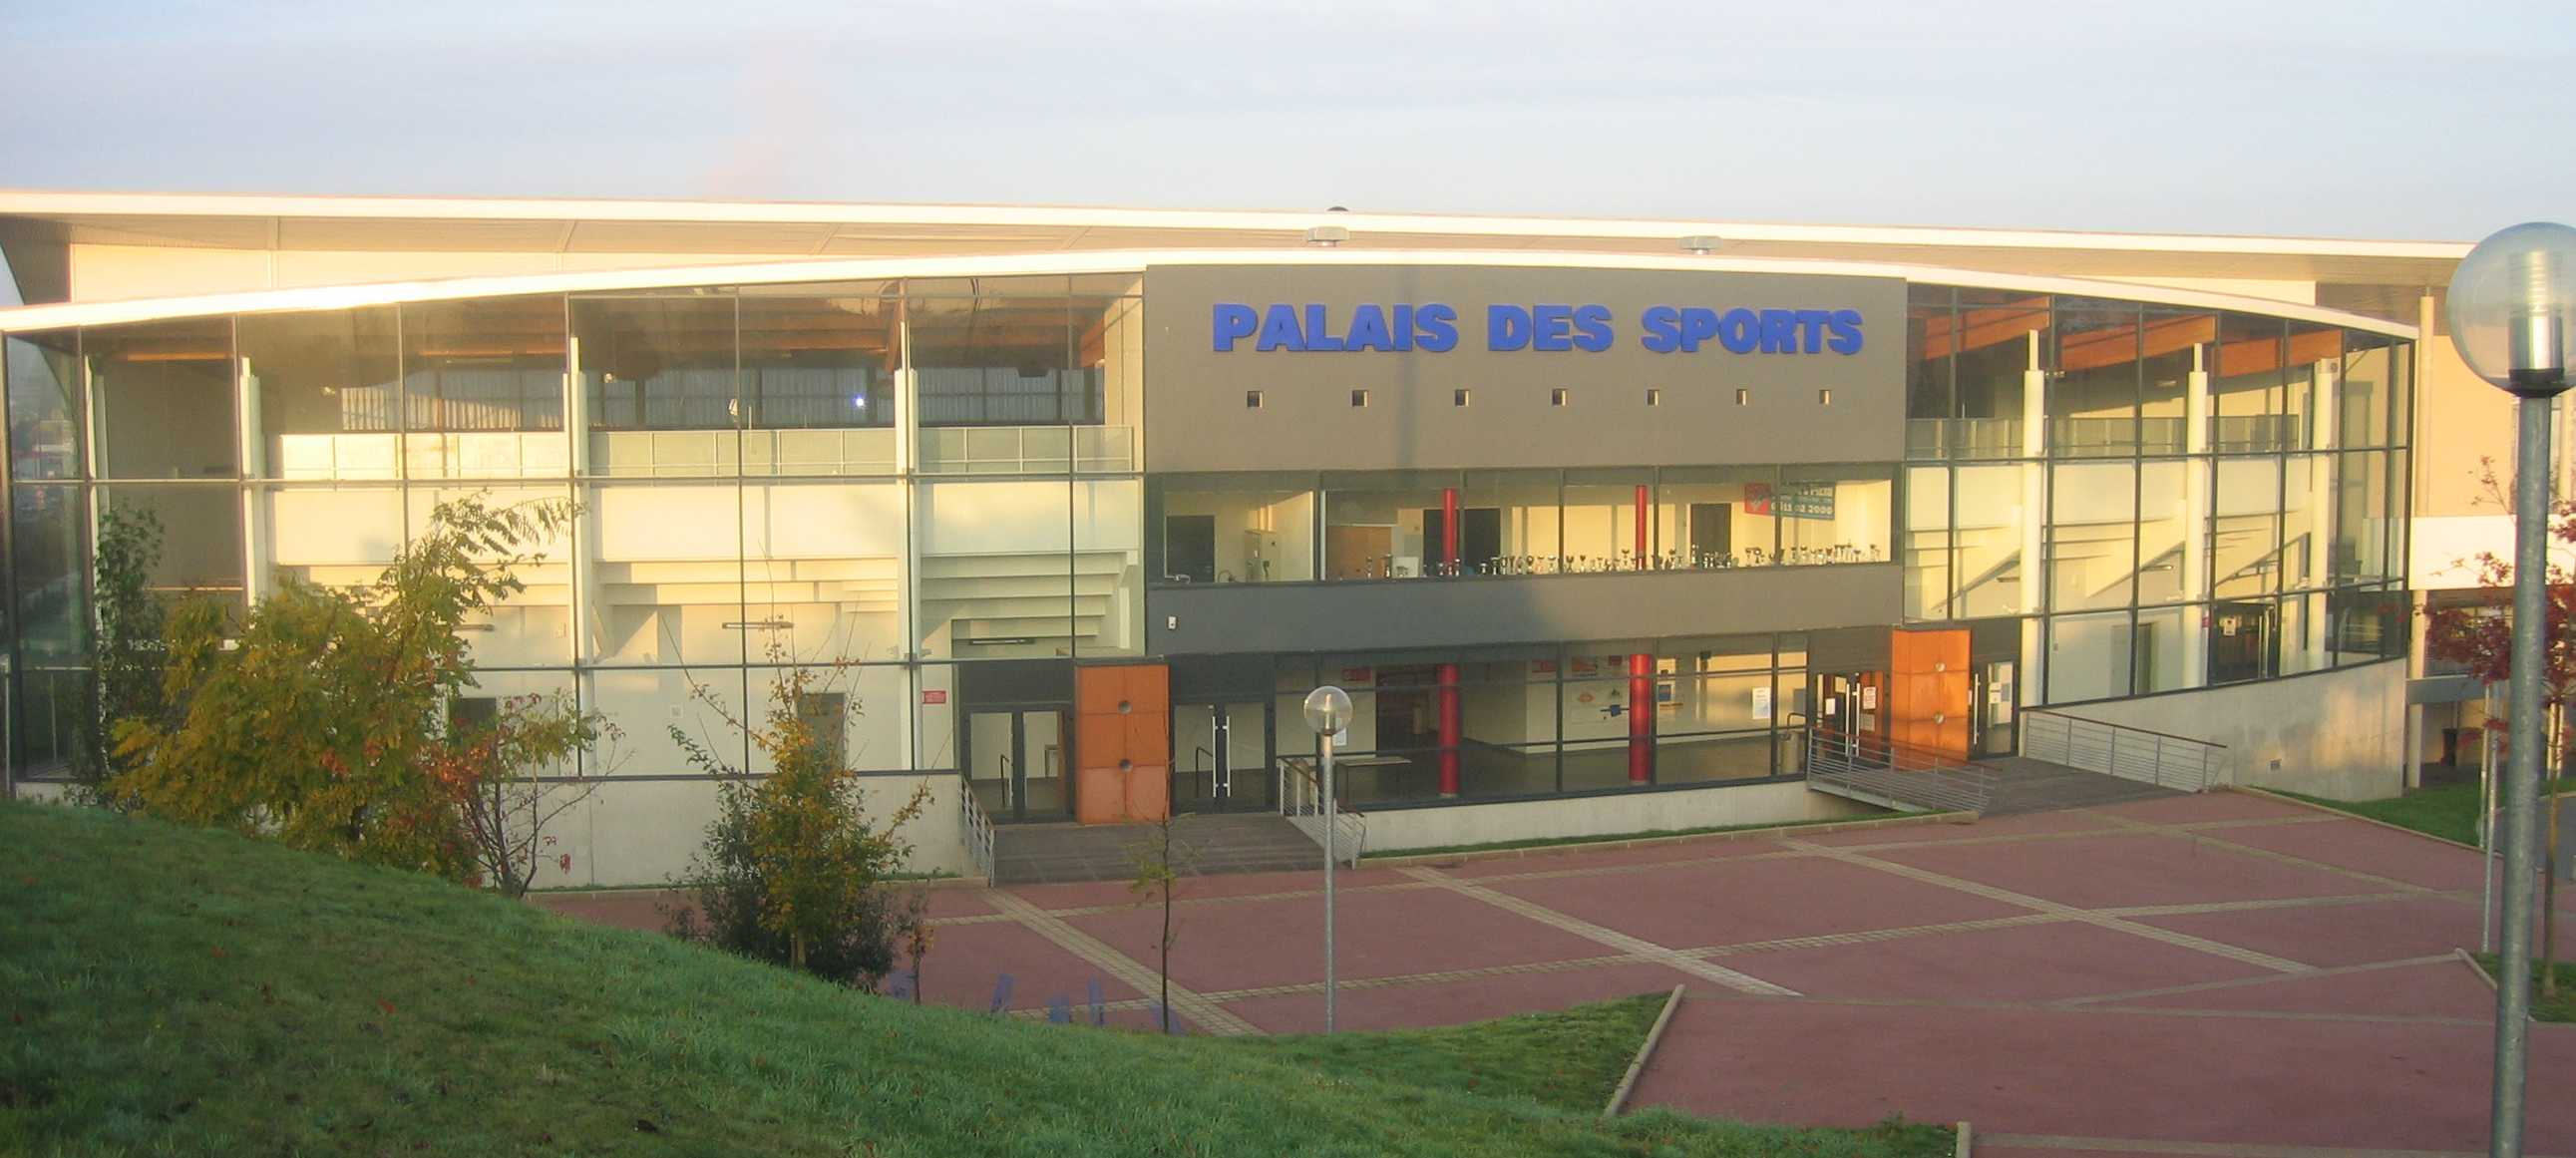 Palais des sports de la valette info stades for Piscine du palais des sports a nanterre nanterre